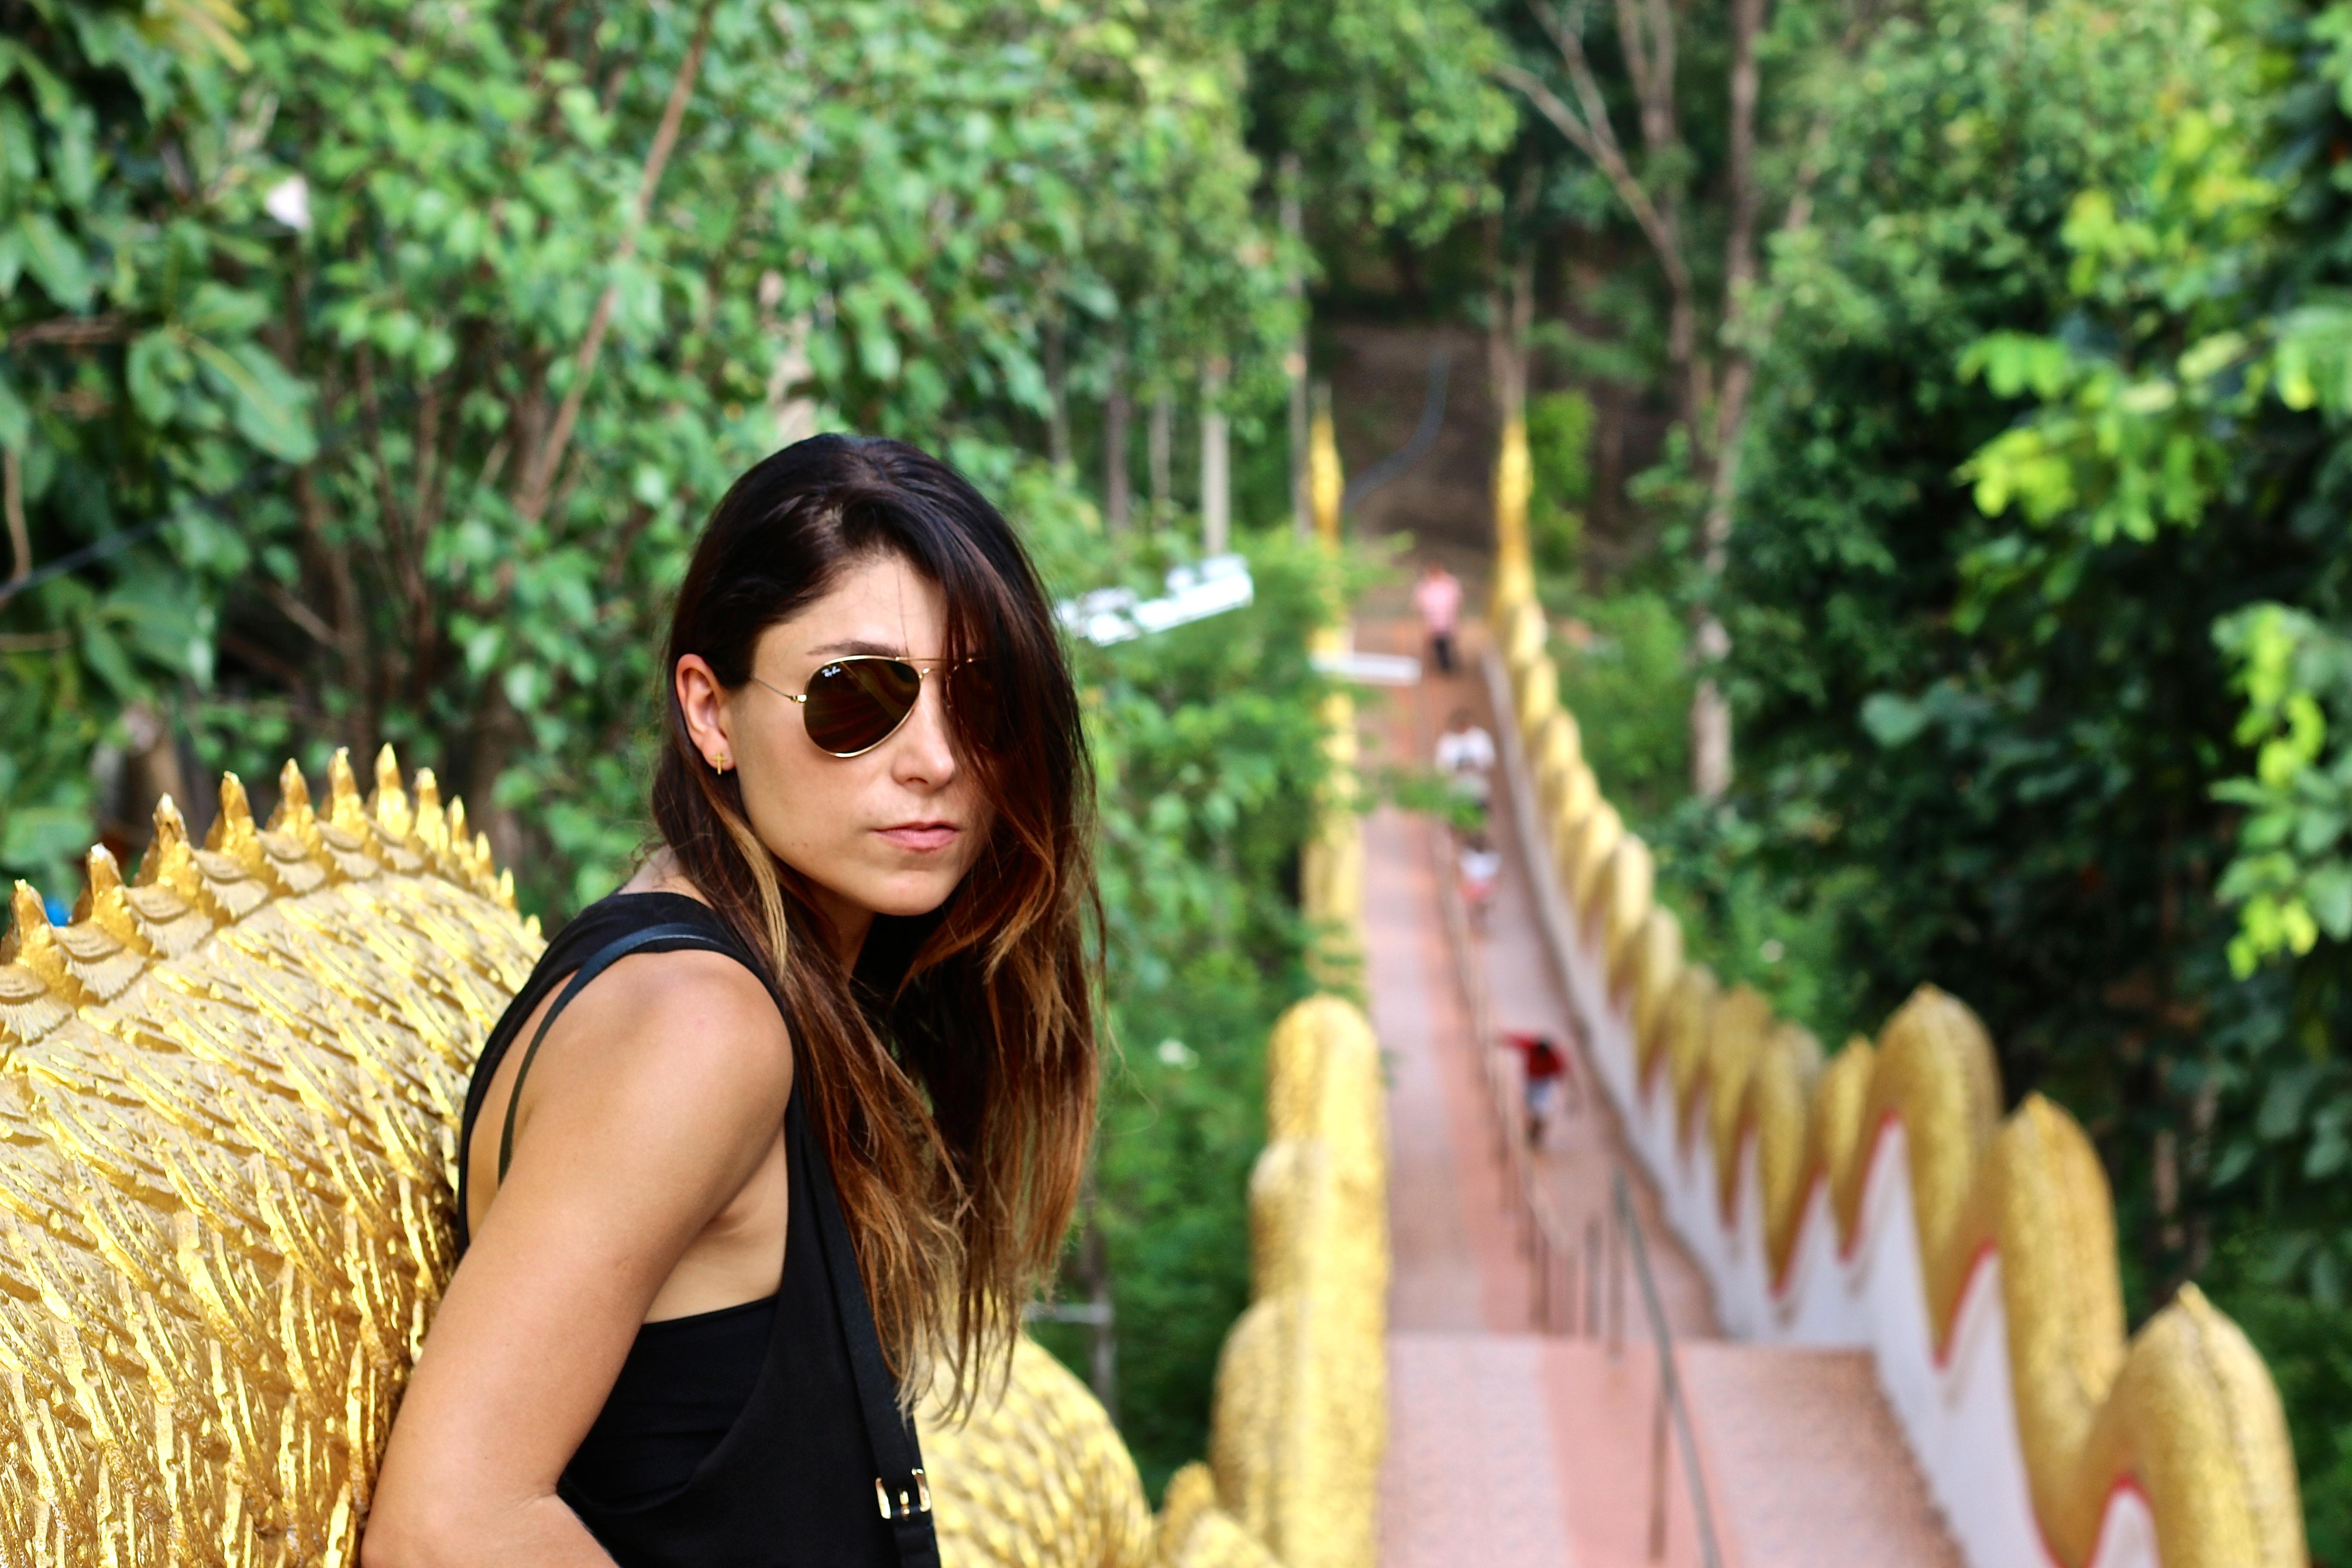 Sou Graziela Vieira, formada no Brasil em Comunicação Social e na Europa estudei Personal Style. Nasci em São Paulo, mas já estou fora do Brasil a mais ou menos 12 anos. Já morei na Espanha, Eslovênia, Chipre, Finlândia, Lituânia, Malásia, ufa...e agora vivo na Tailândia!